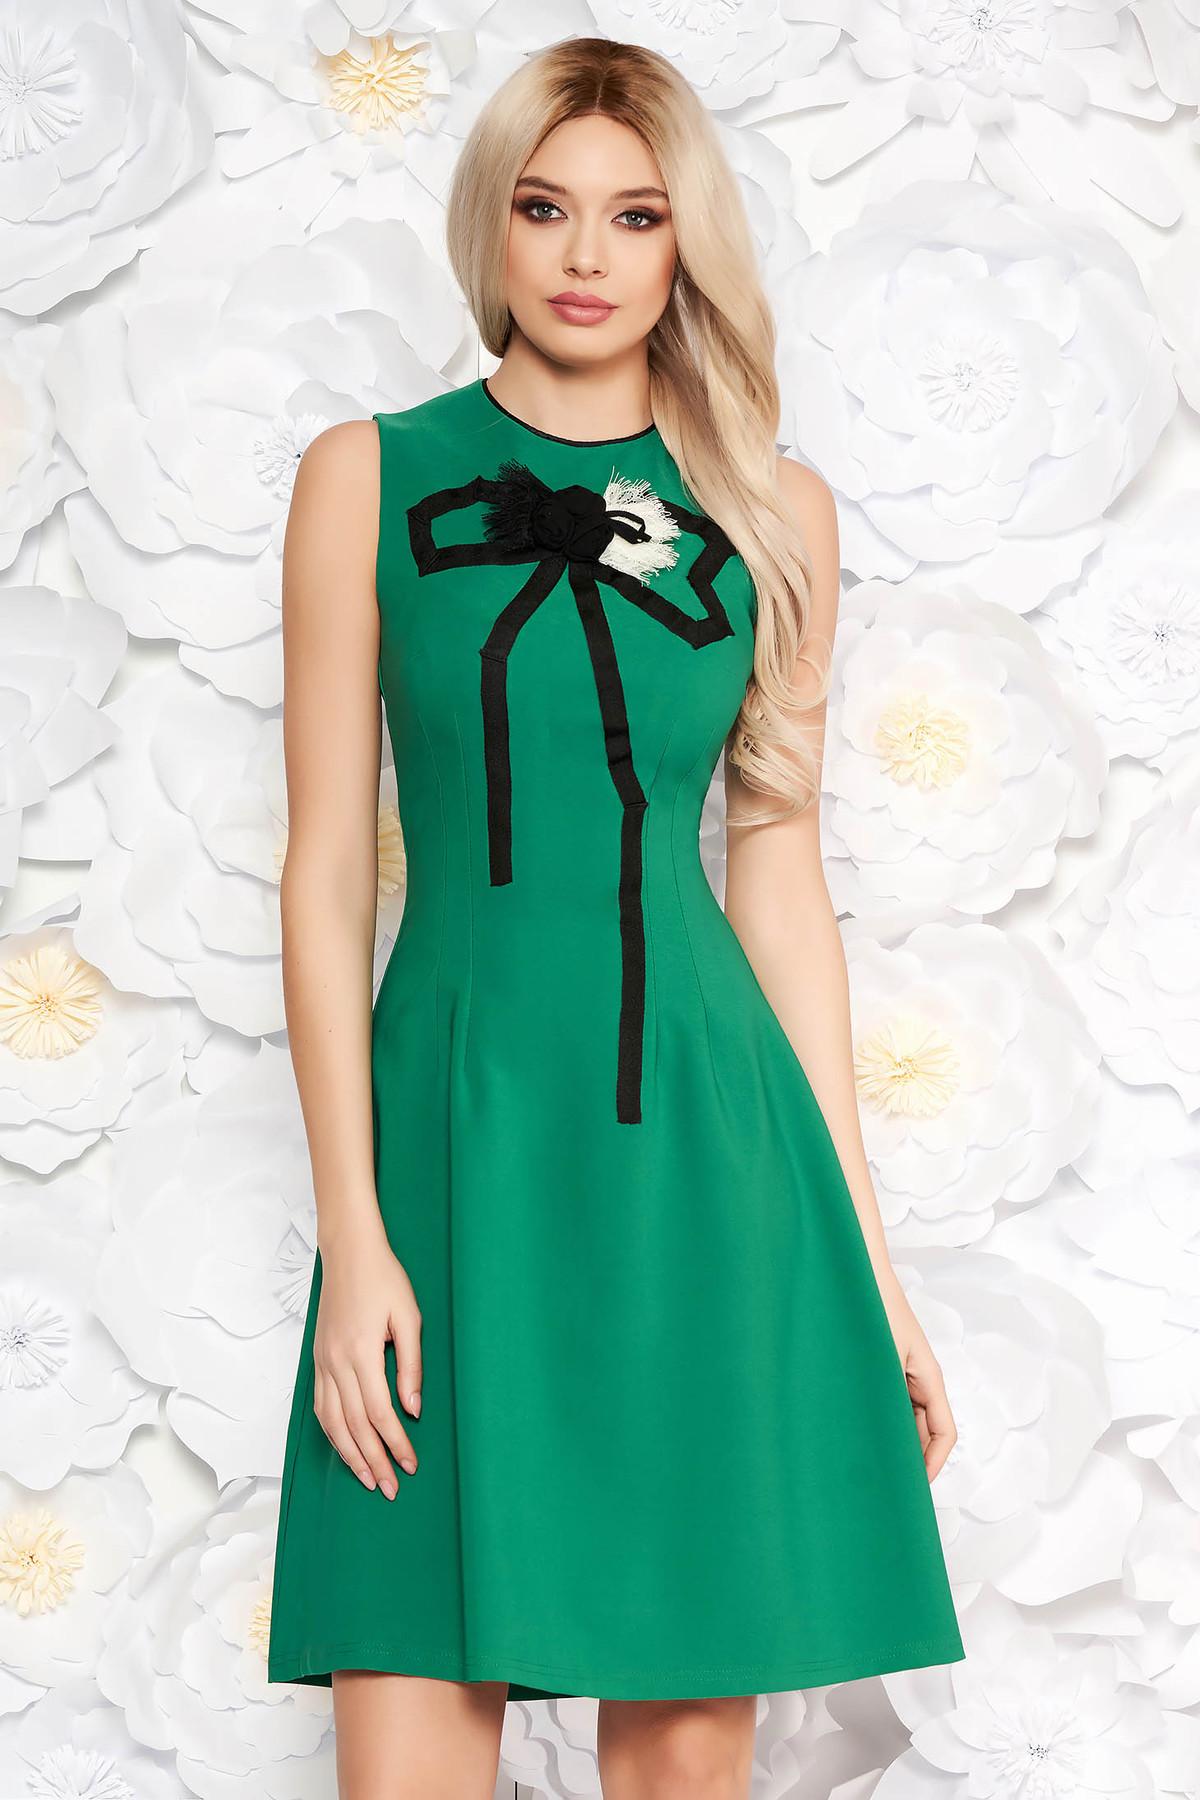 Rochie Artista verde eleganta in clos din material usor elastic cu aplicatii cusute manual